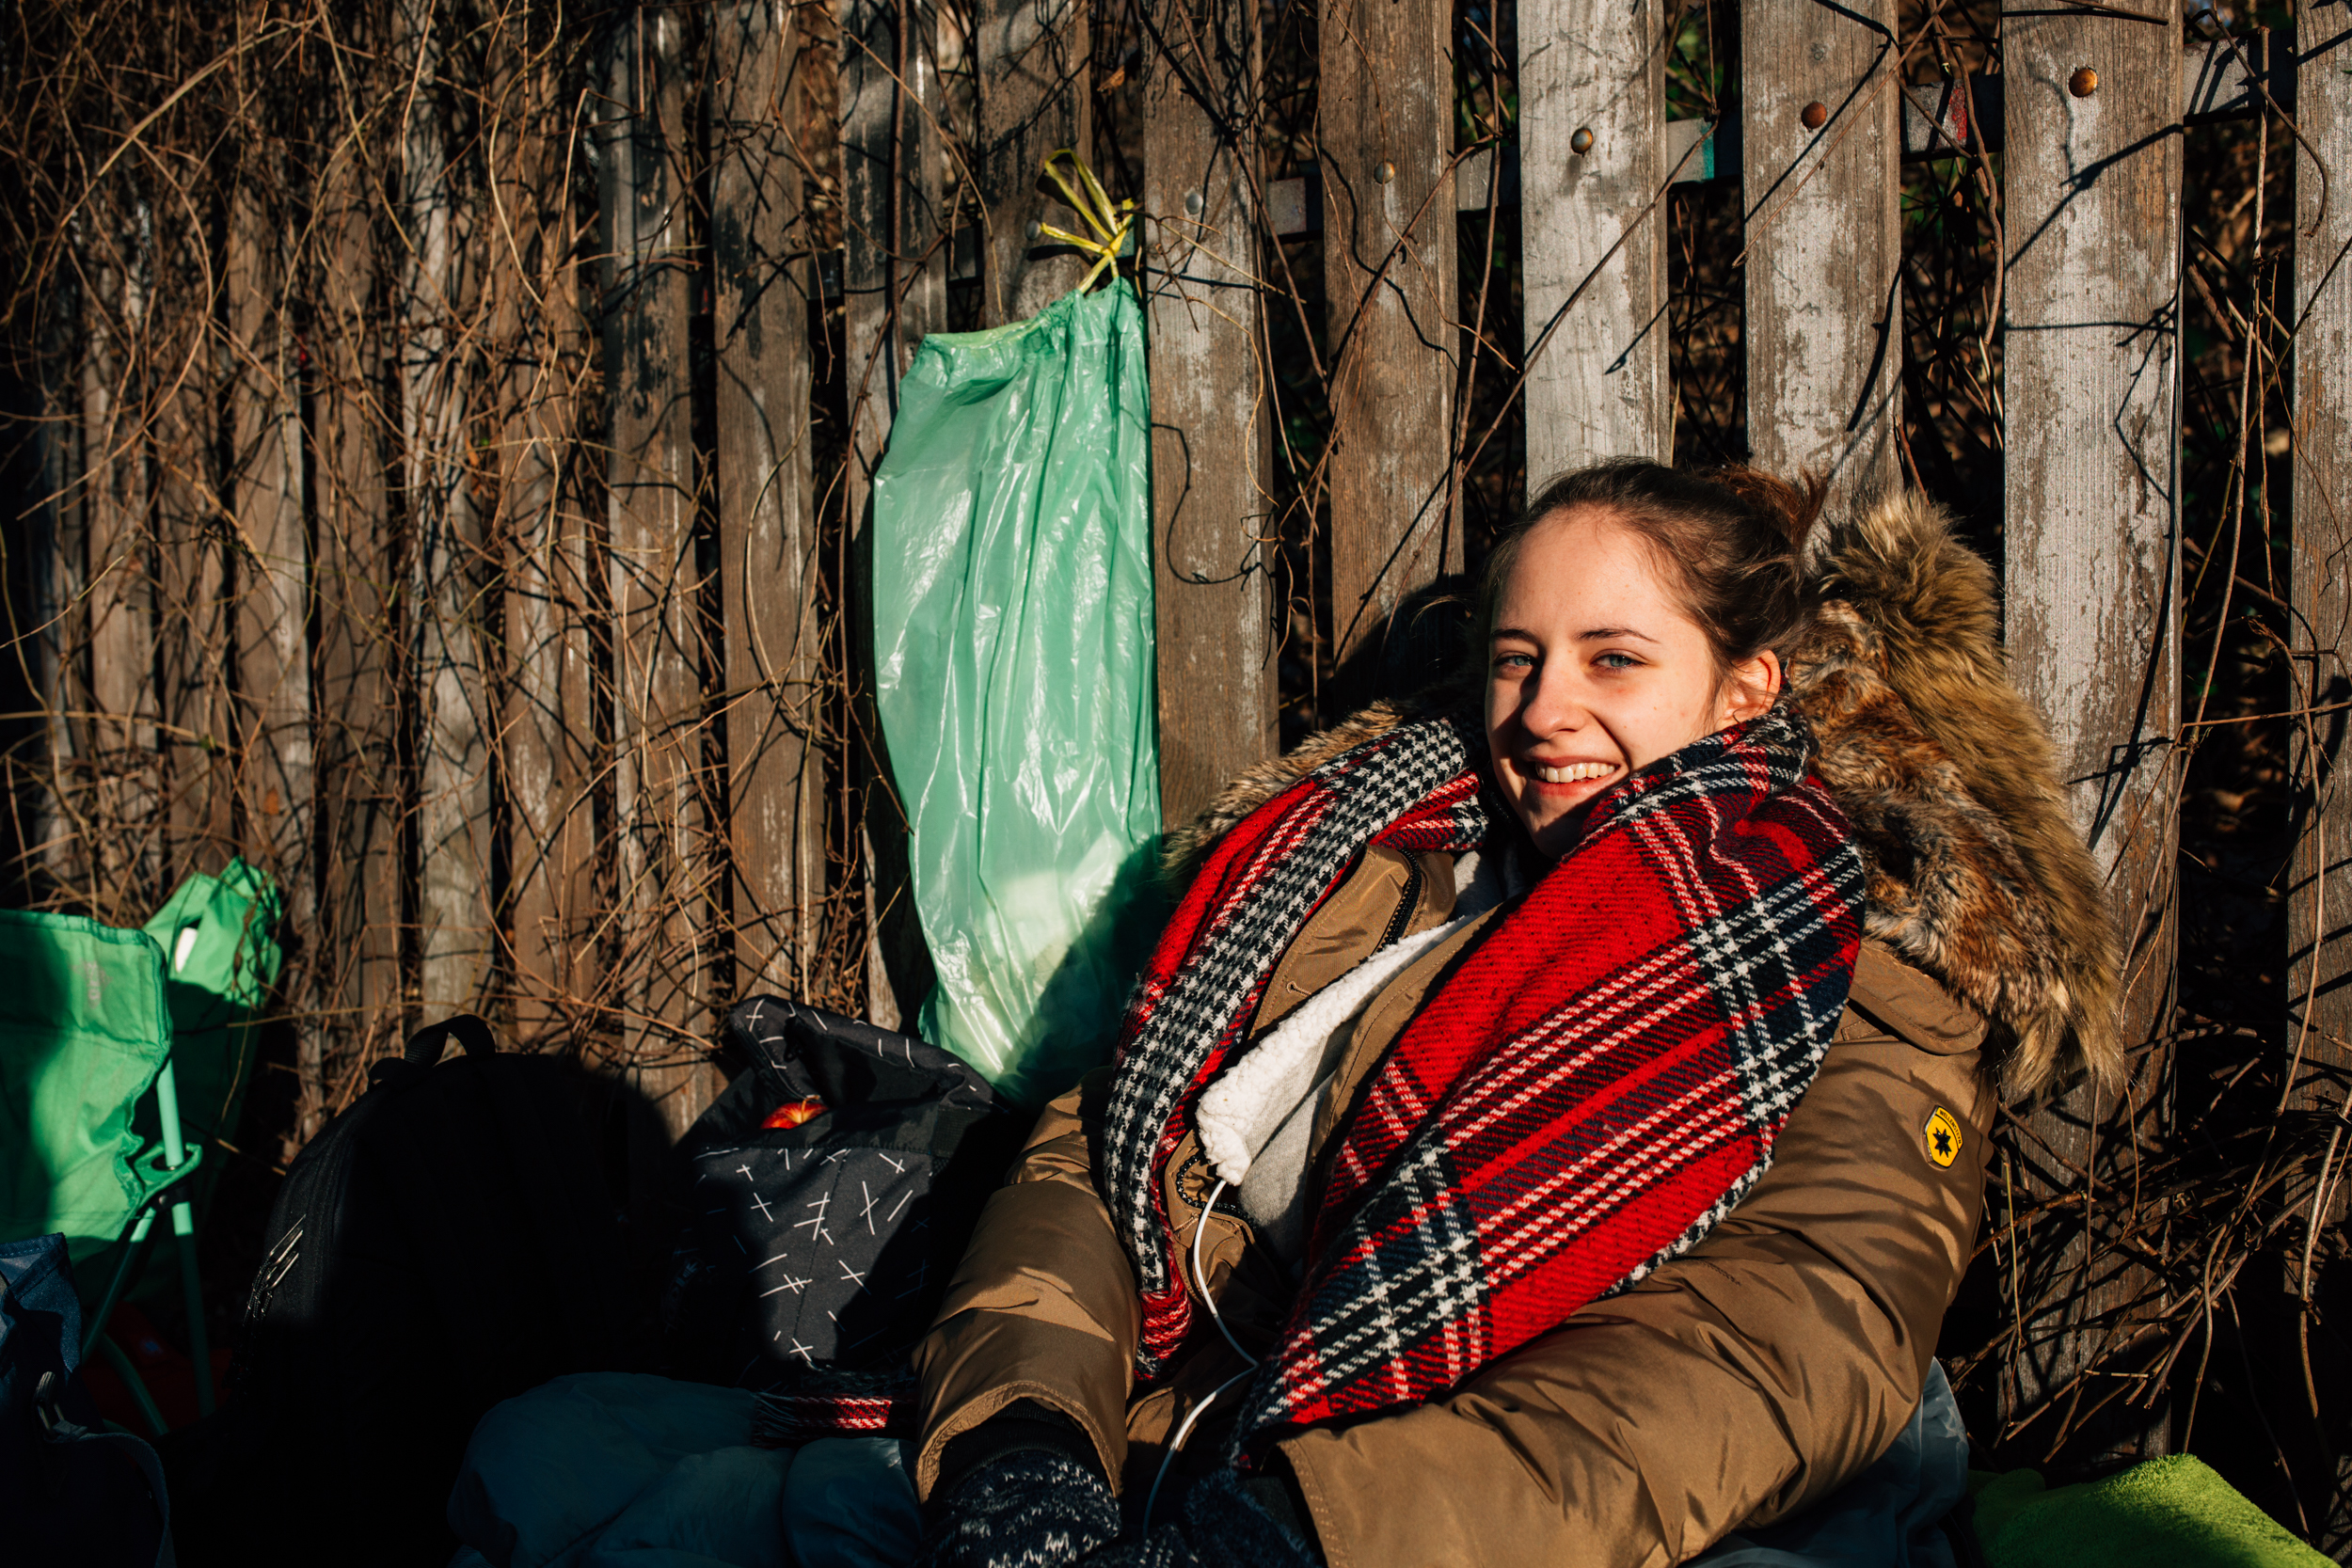 Der Wir Leute Für In Kälte GefragtWarum Sneaker Haben Sie BedxoC